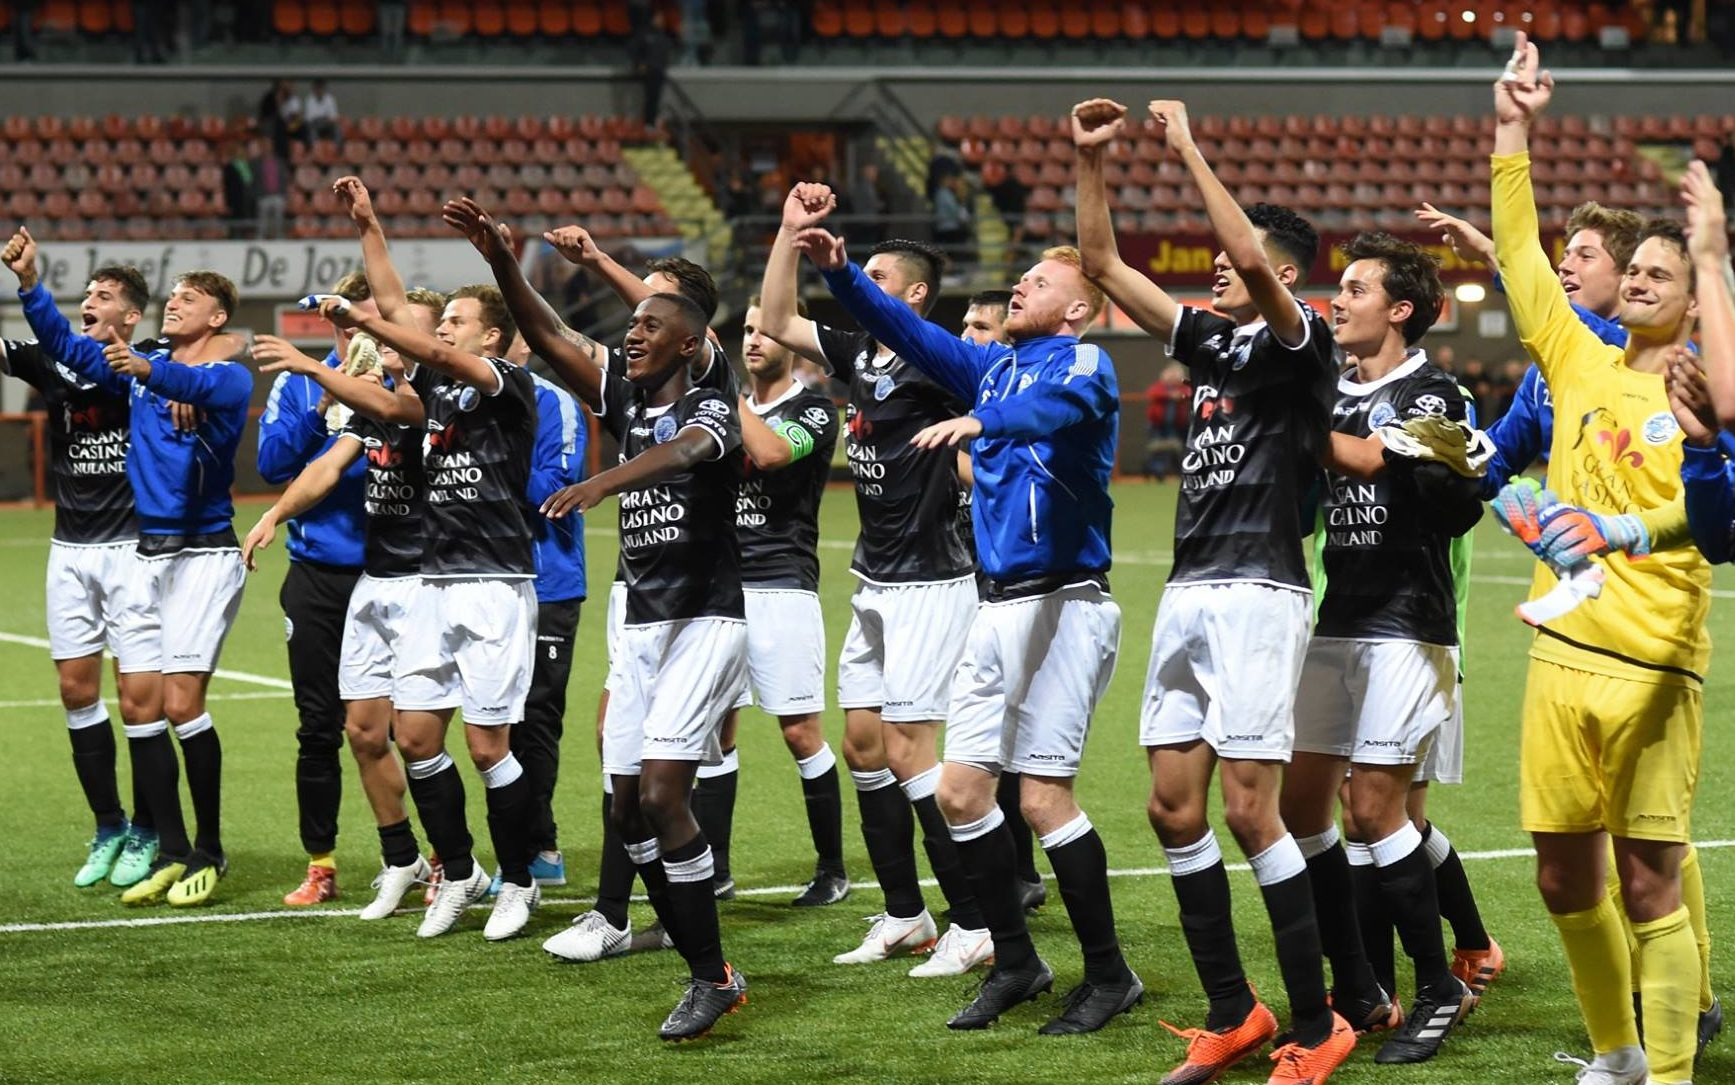 Nijmegen-Den Bosch pronostico 12 gennaio eerste divisie